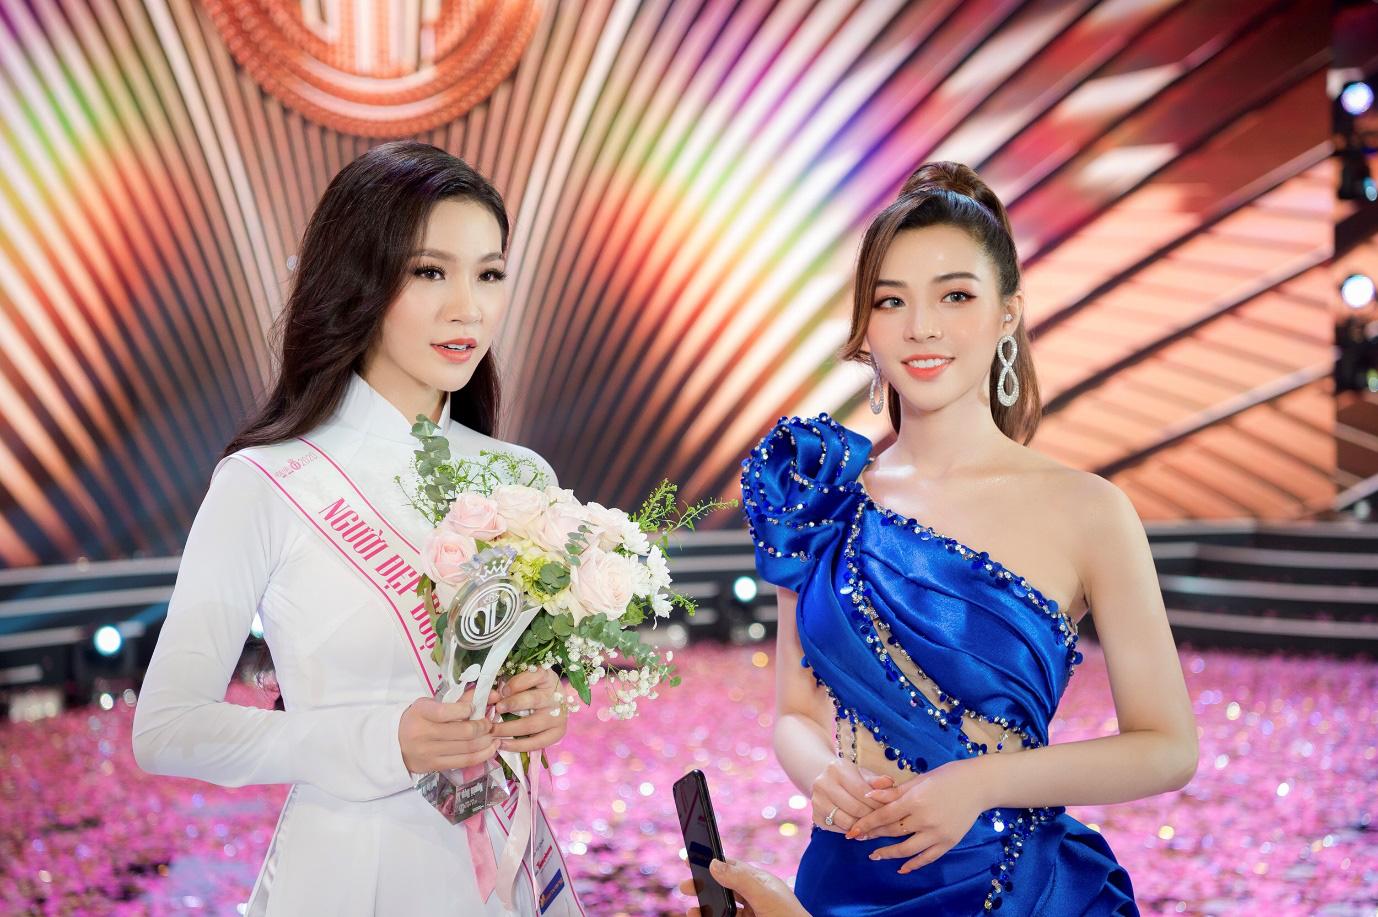 Đậu Hải Minh Anh: Giải thưởng Người đẹp được yêu thích nhất là dấu mốc đời tôi - Ảnh 2.